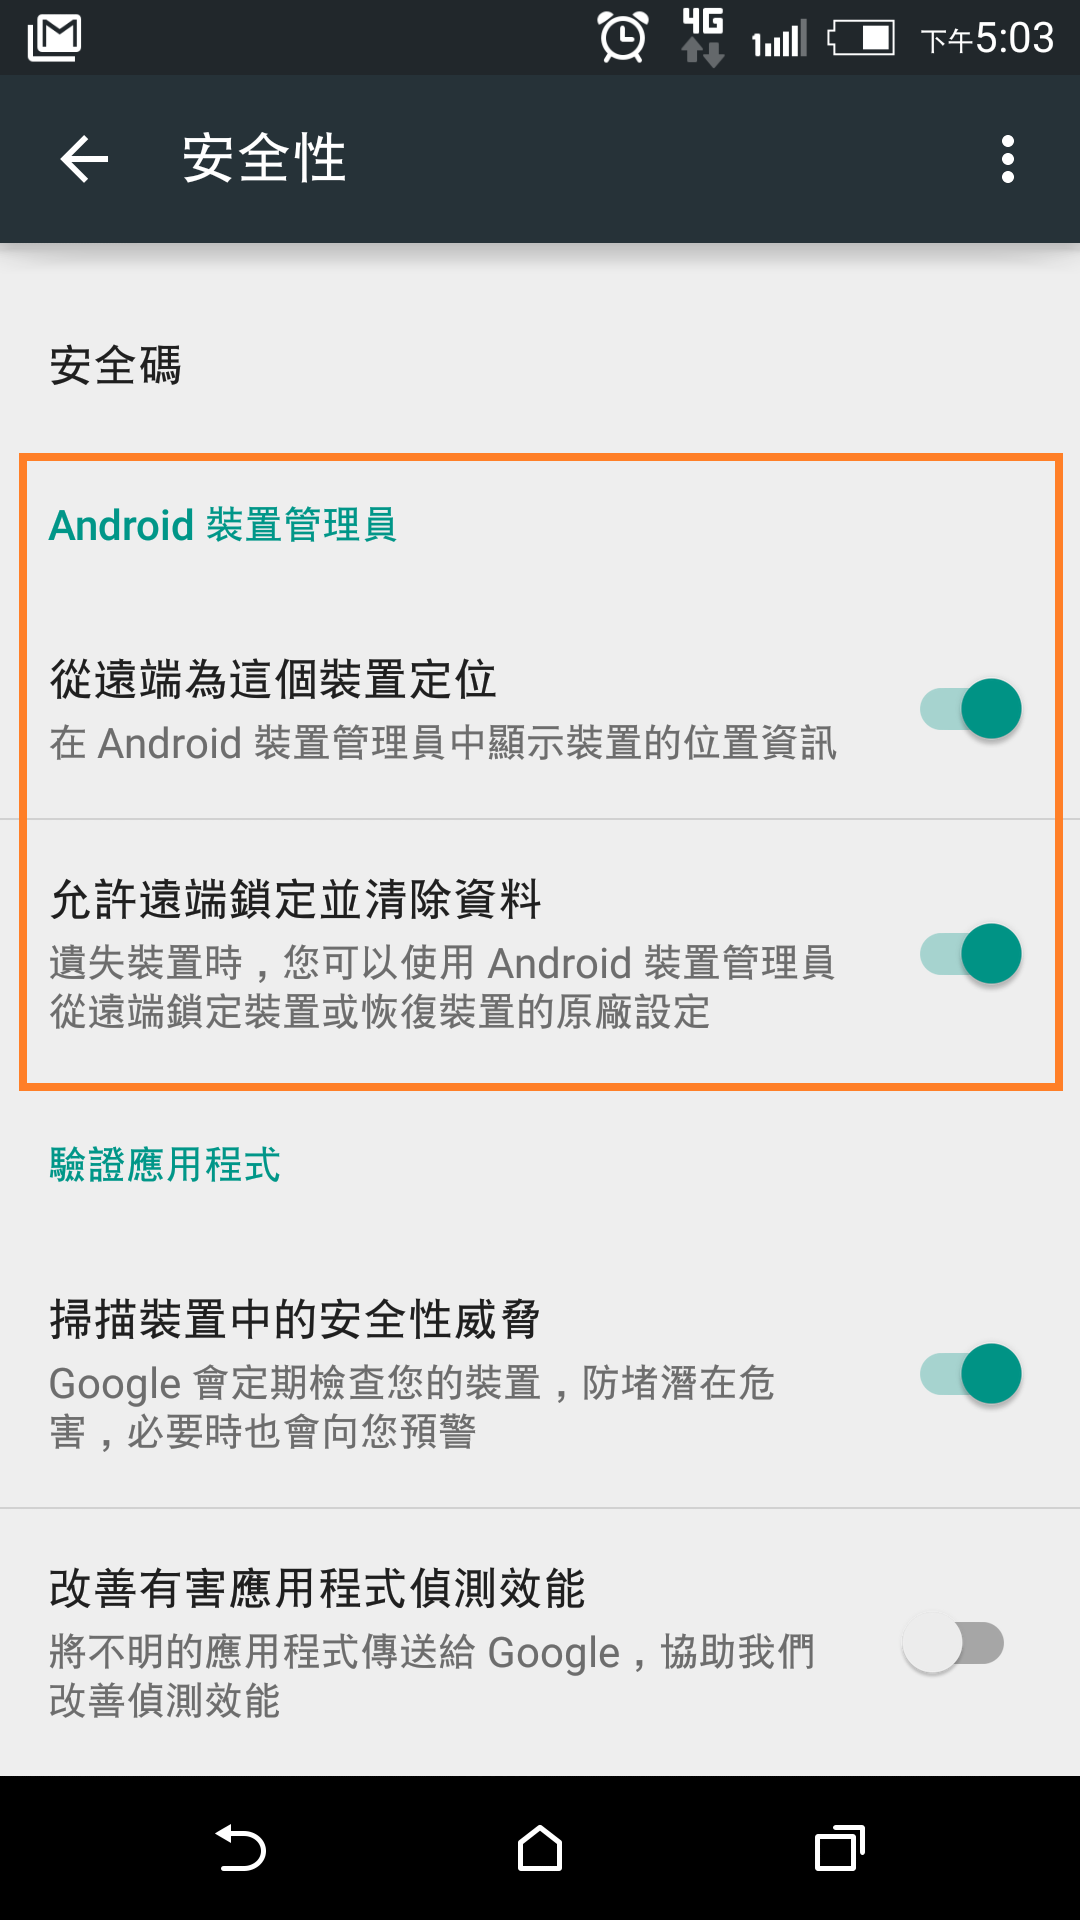 Screenshot 2015 12 16 17 03 16 - 手機掉了怎麼辦?透過 Android 裝置管理員來定位手機